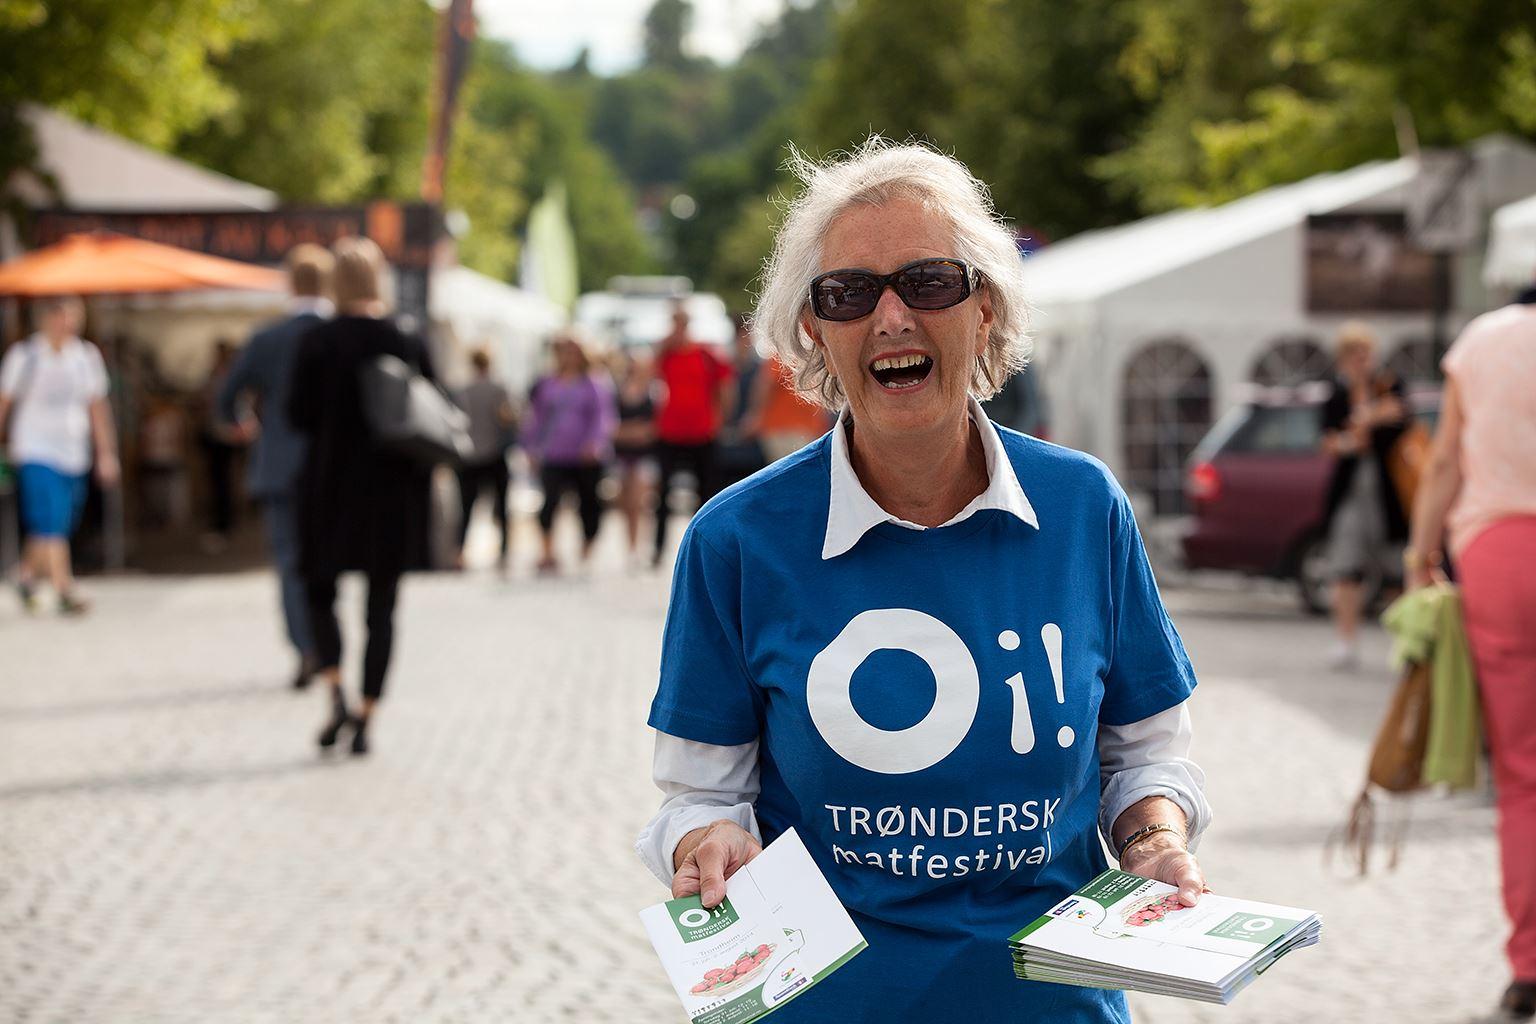 Wil Lee-Wright, OI! Trøndersk food festival